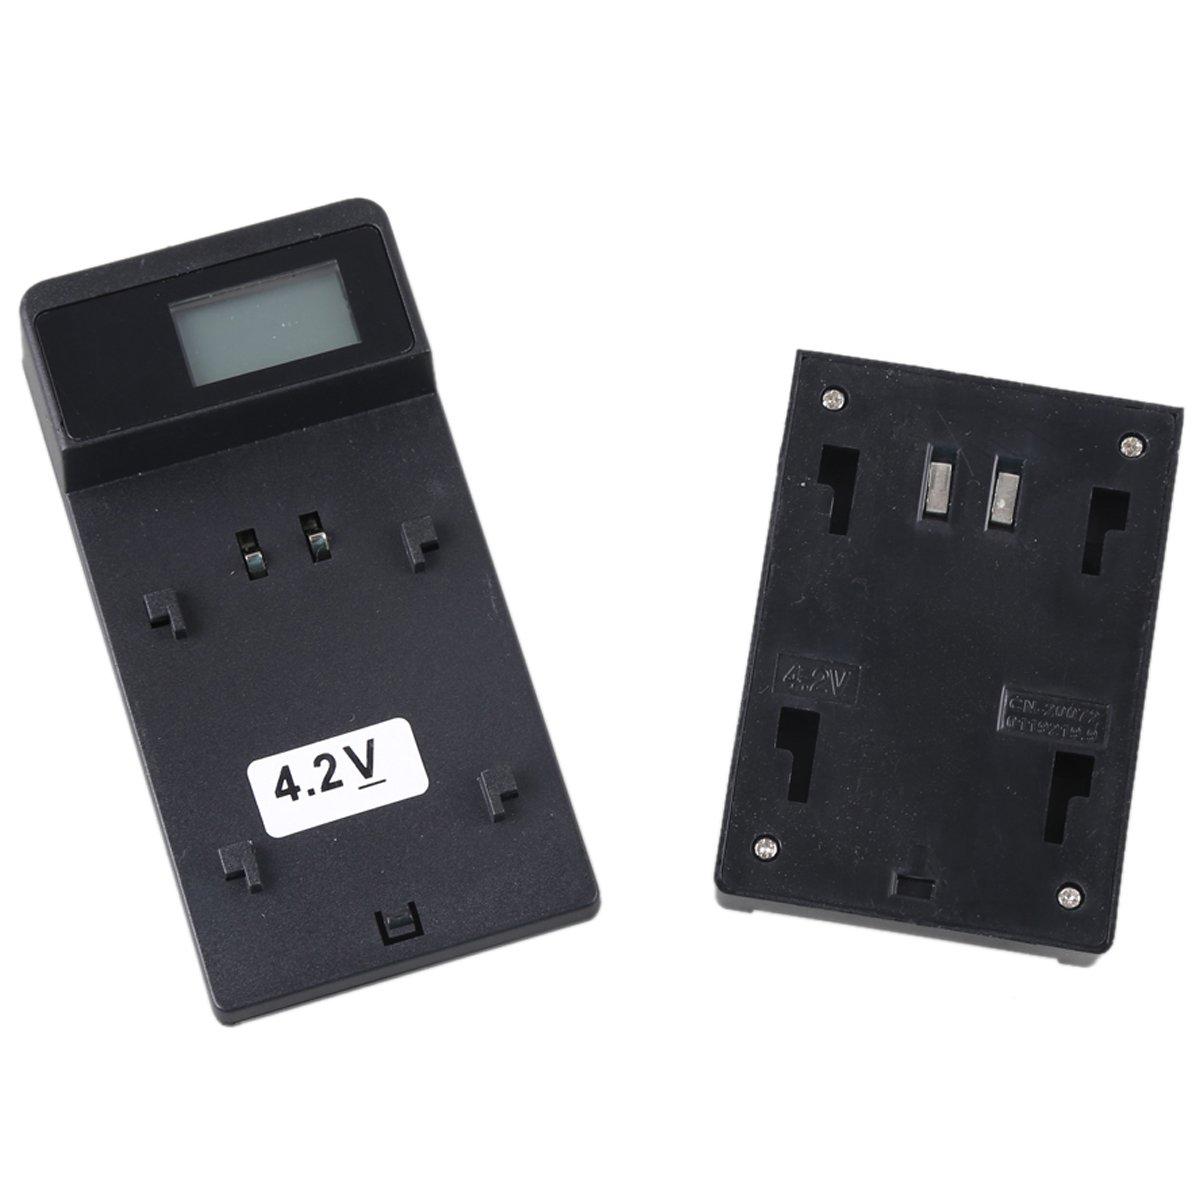 LCD Slim Micro USB Rapid Travel Battery Charger for Sony DCR-SR40 DCR-SR60 DCR-SR80 DCR-SR100 Handycam Camcorder